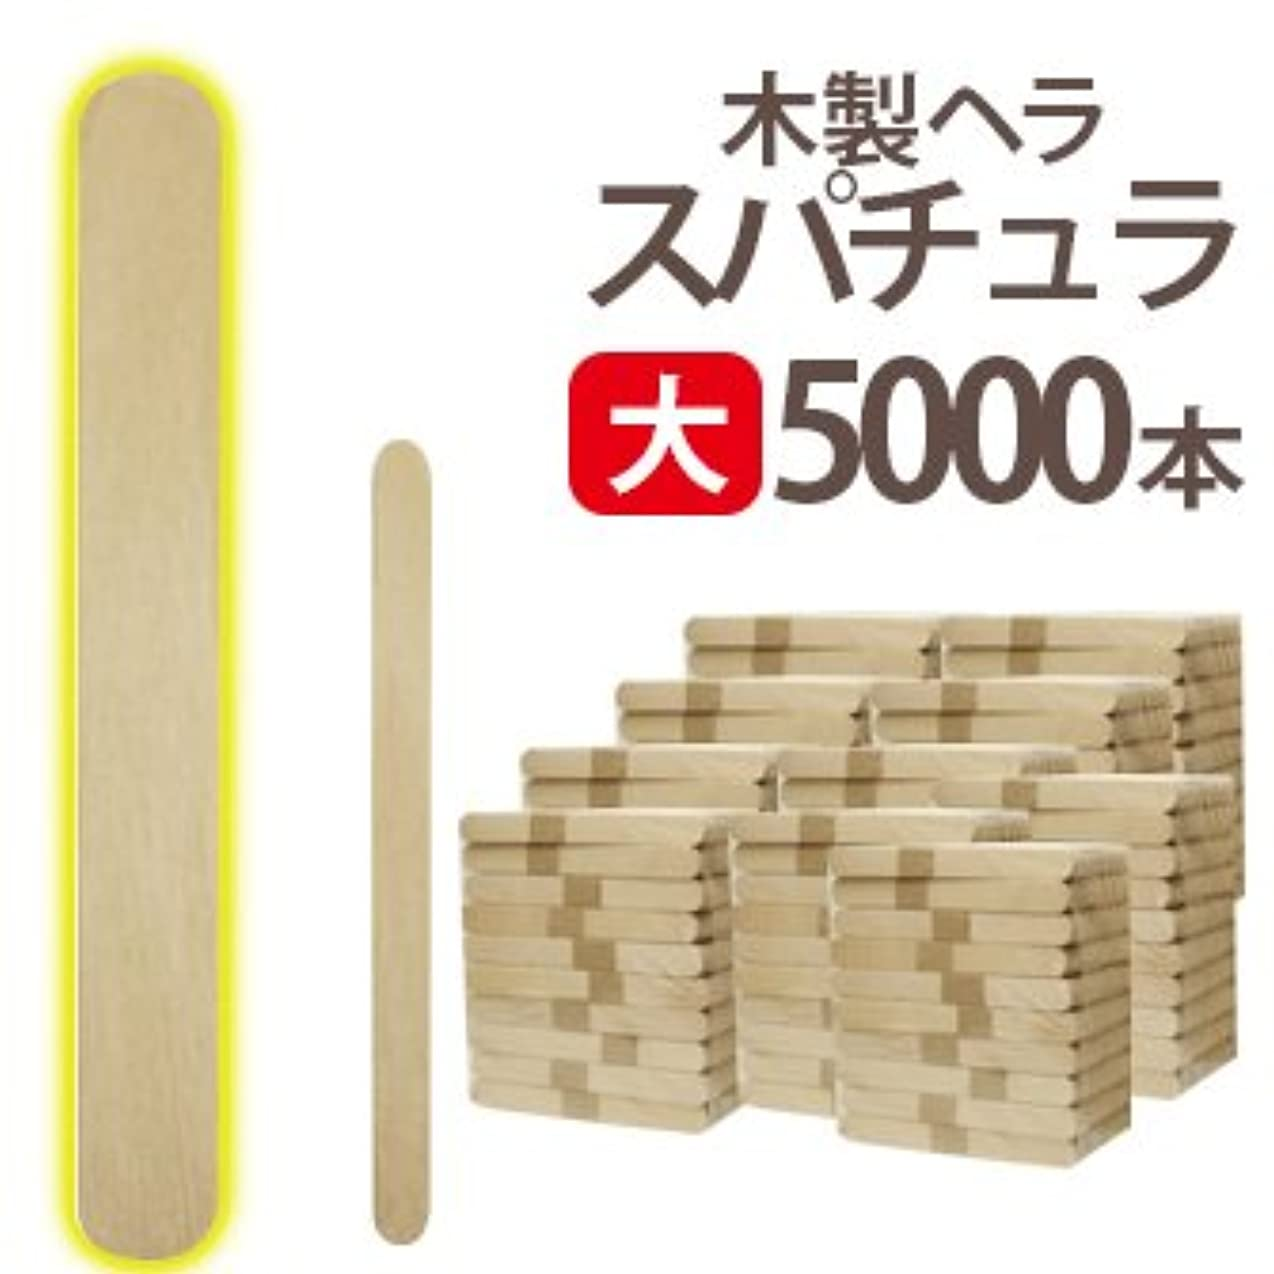 職業スピーカー義務大 ブラジリアンワックス 業務用5000本 スパチュラ Aタイプ(個別梱包なし 150×16)